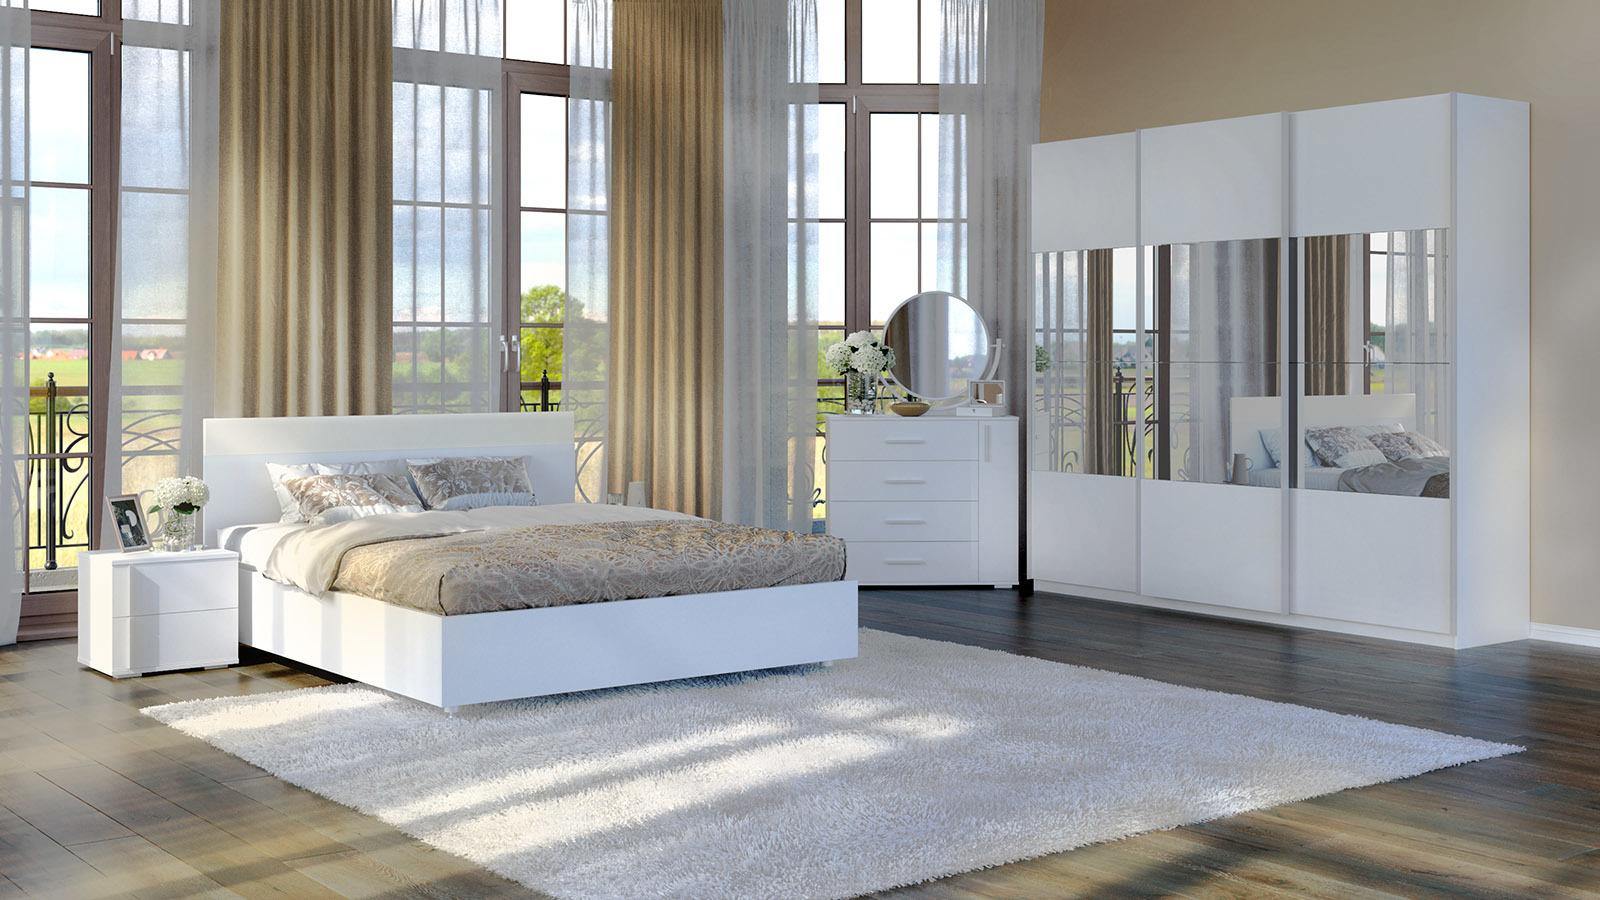 Фото - Кровать с подъемным механизмом Askona IREN white кровать с подъемным механизмом askona milana